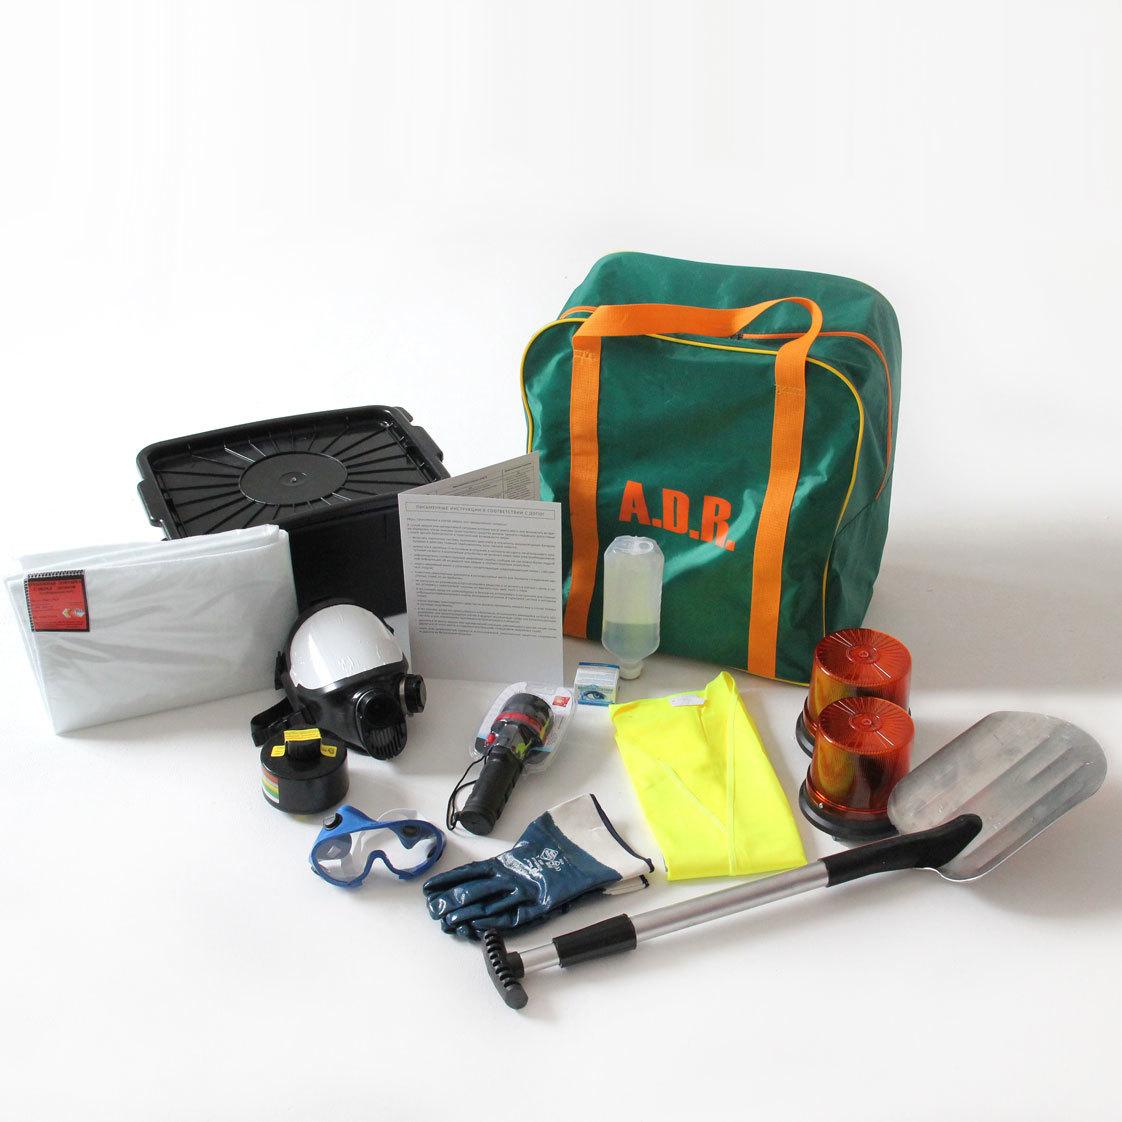 ADR комплект для перевозки опасных грузов универсальный (по ДОПОГ)